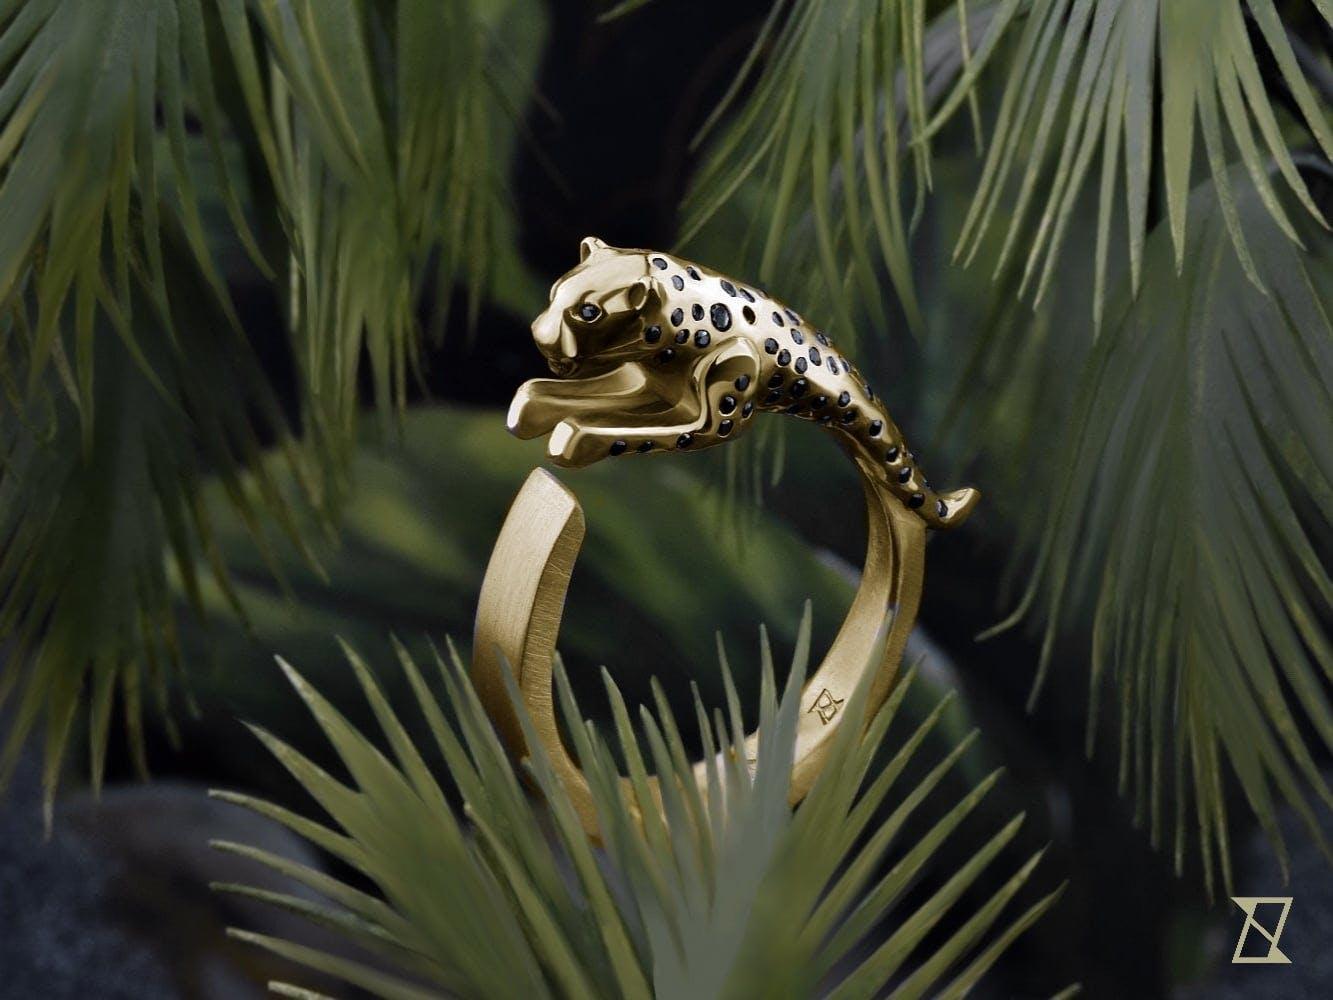 Pierścień z jaguarem wysadzany czarnymi brylantami w naturalnym środowisku.